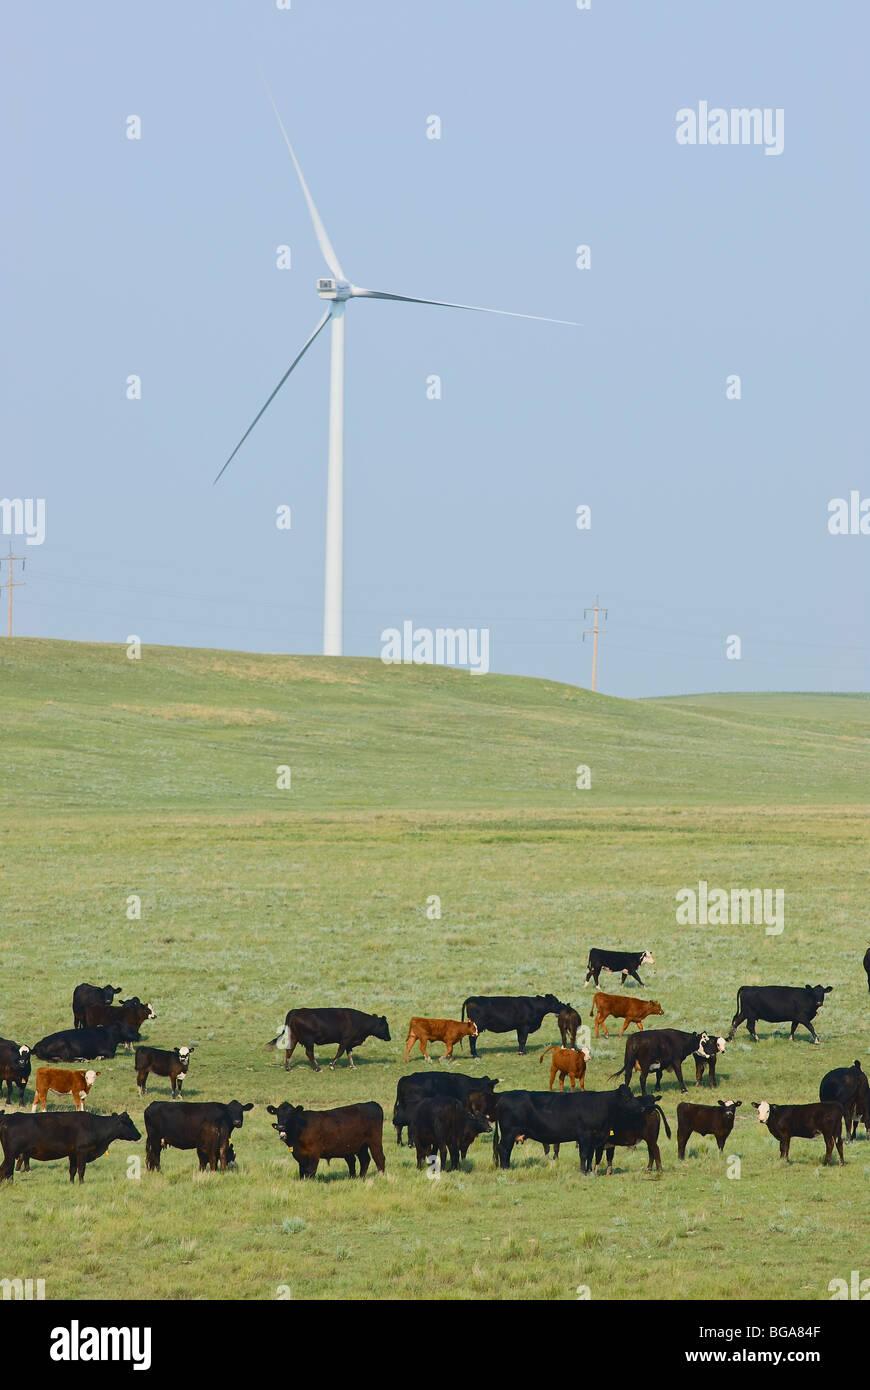 L'utilisation mixte des terres. Le bétail sur des parcours avec les éoliennes. Photo Stock